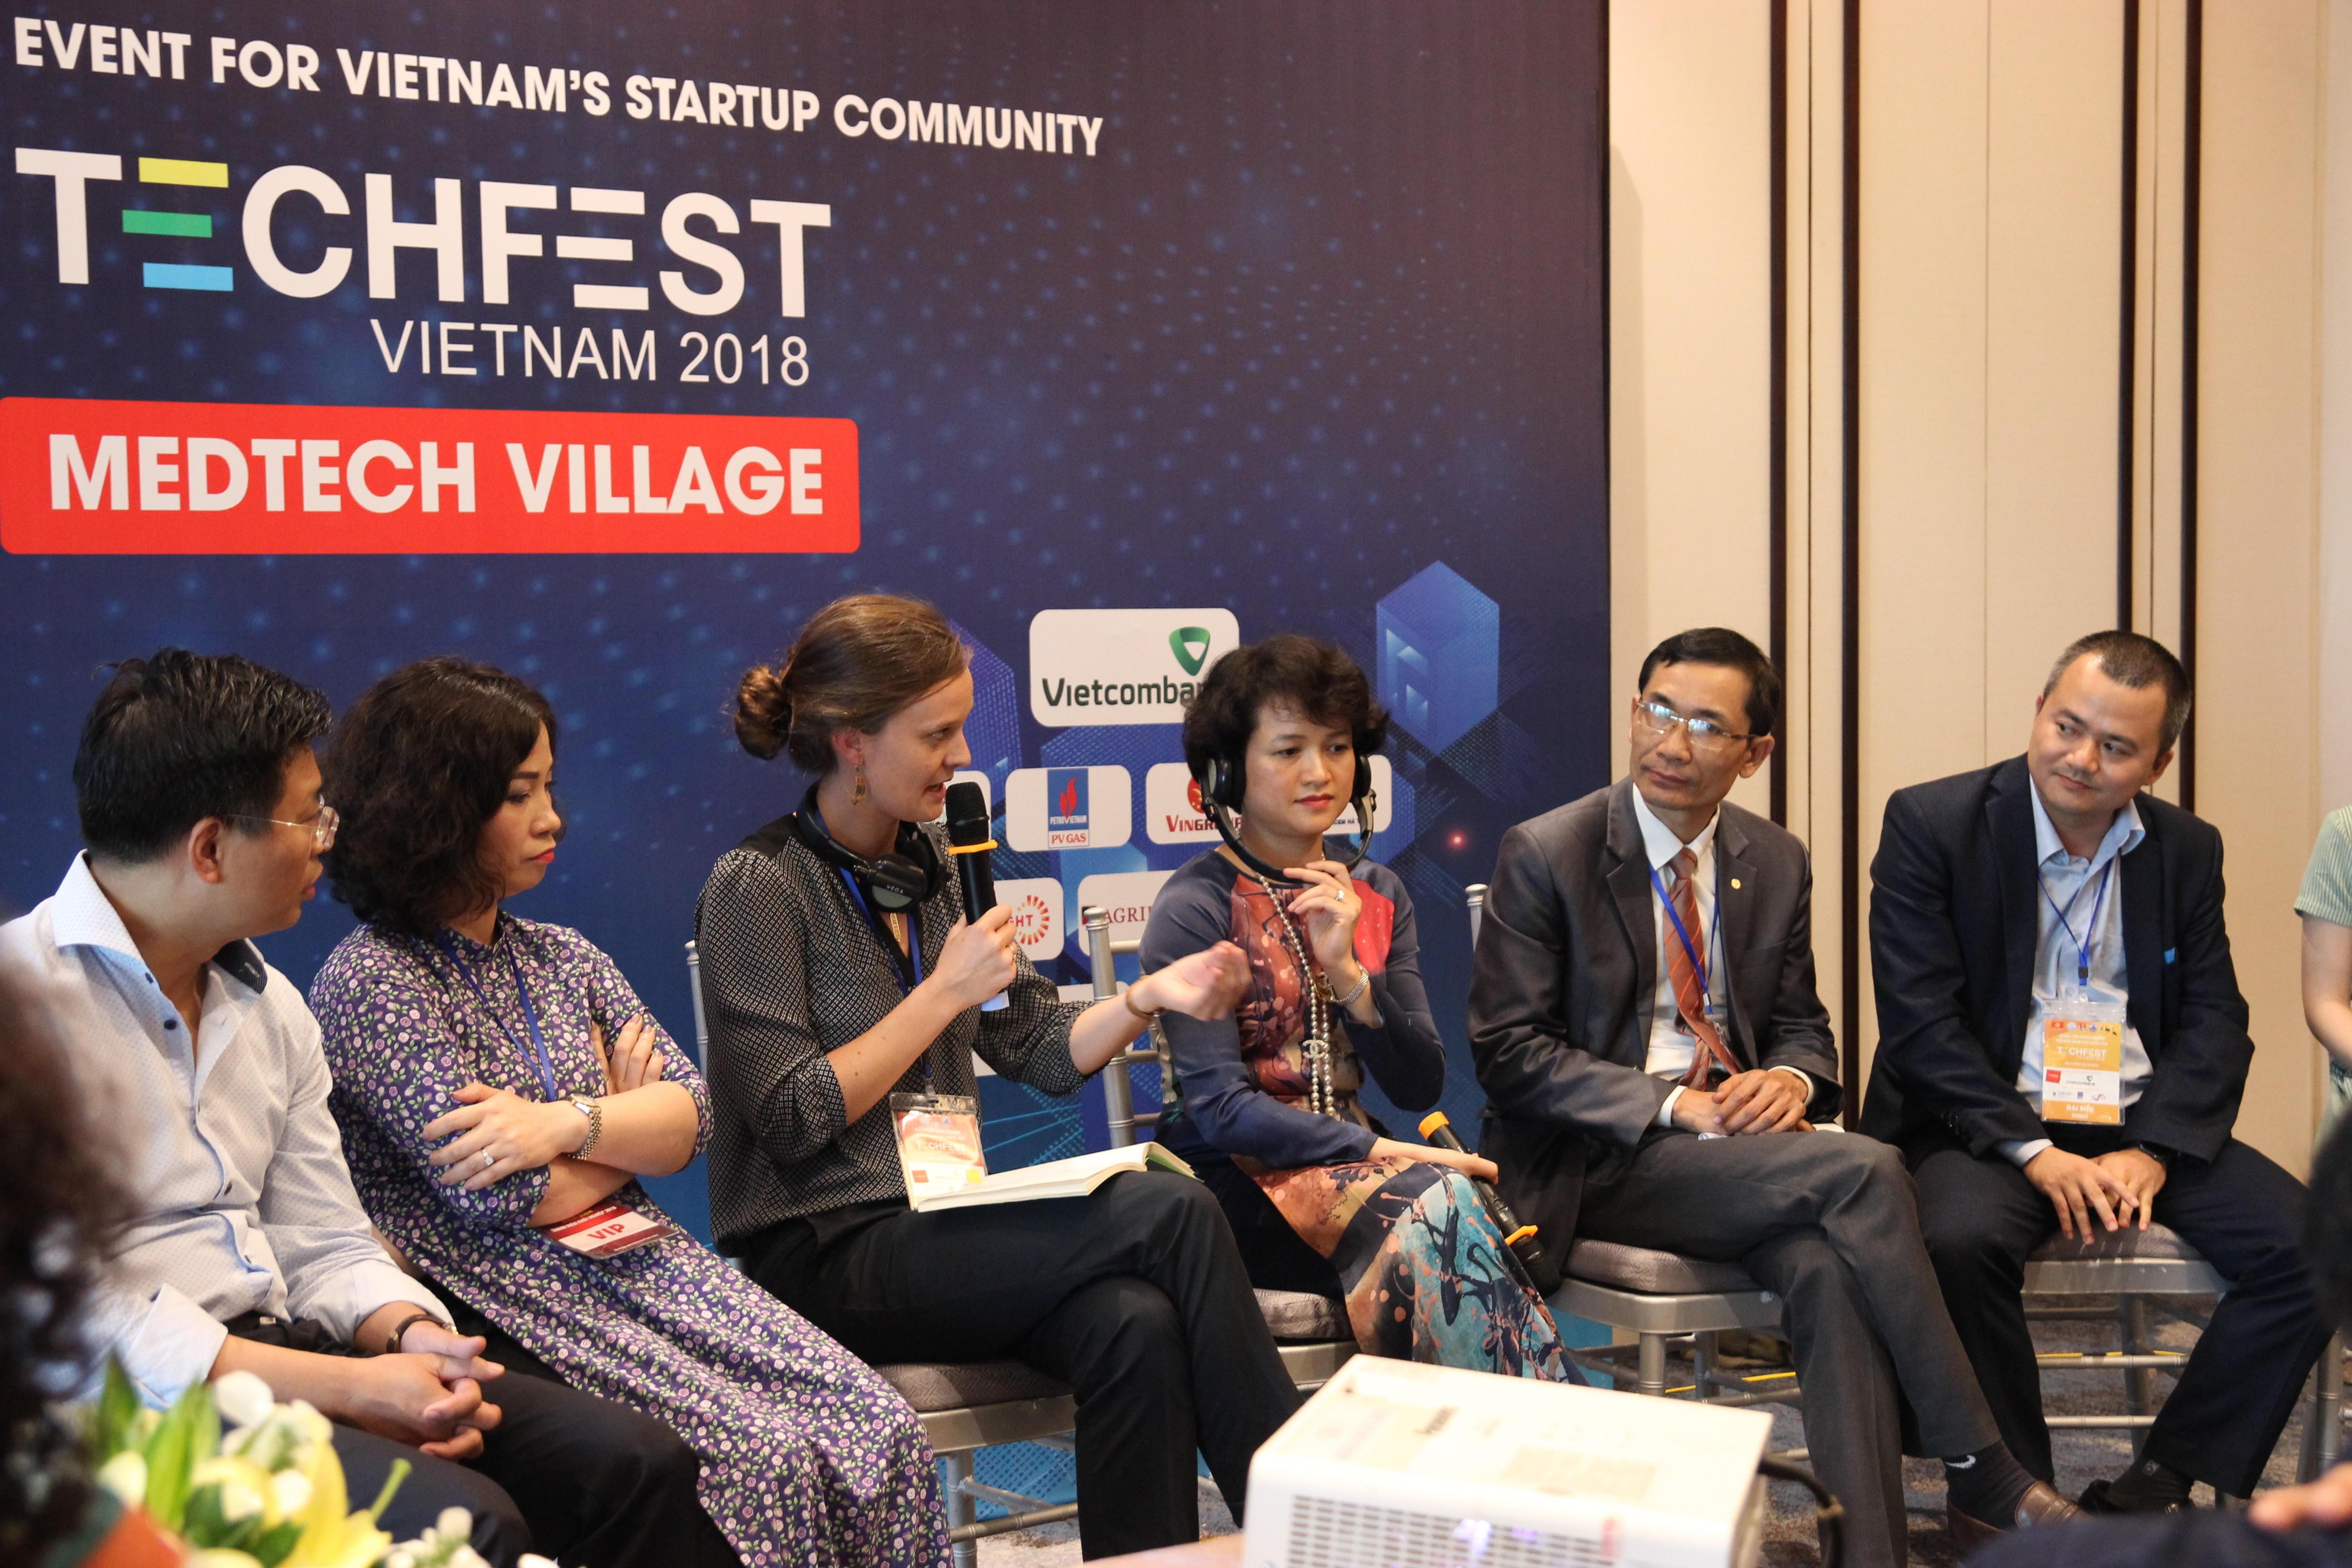 Sandrine Egron speaks at the Techfest event in the central city of Da Nang, Vietnam in November 2018. Photo: InnYTe